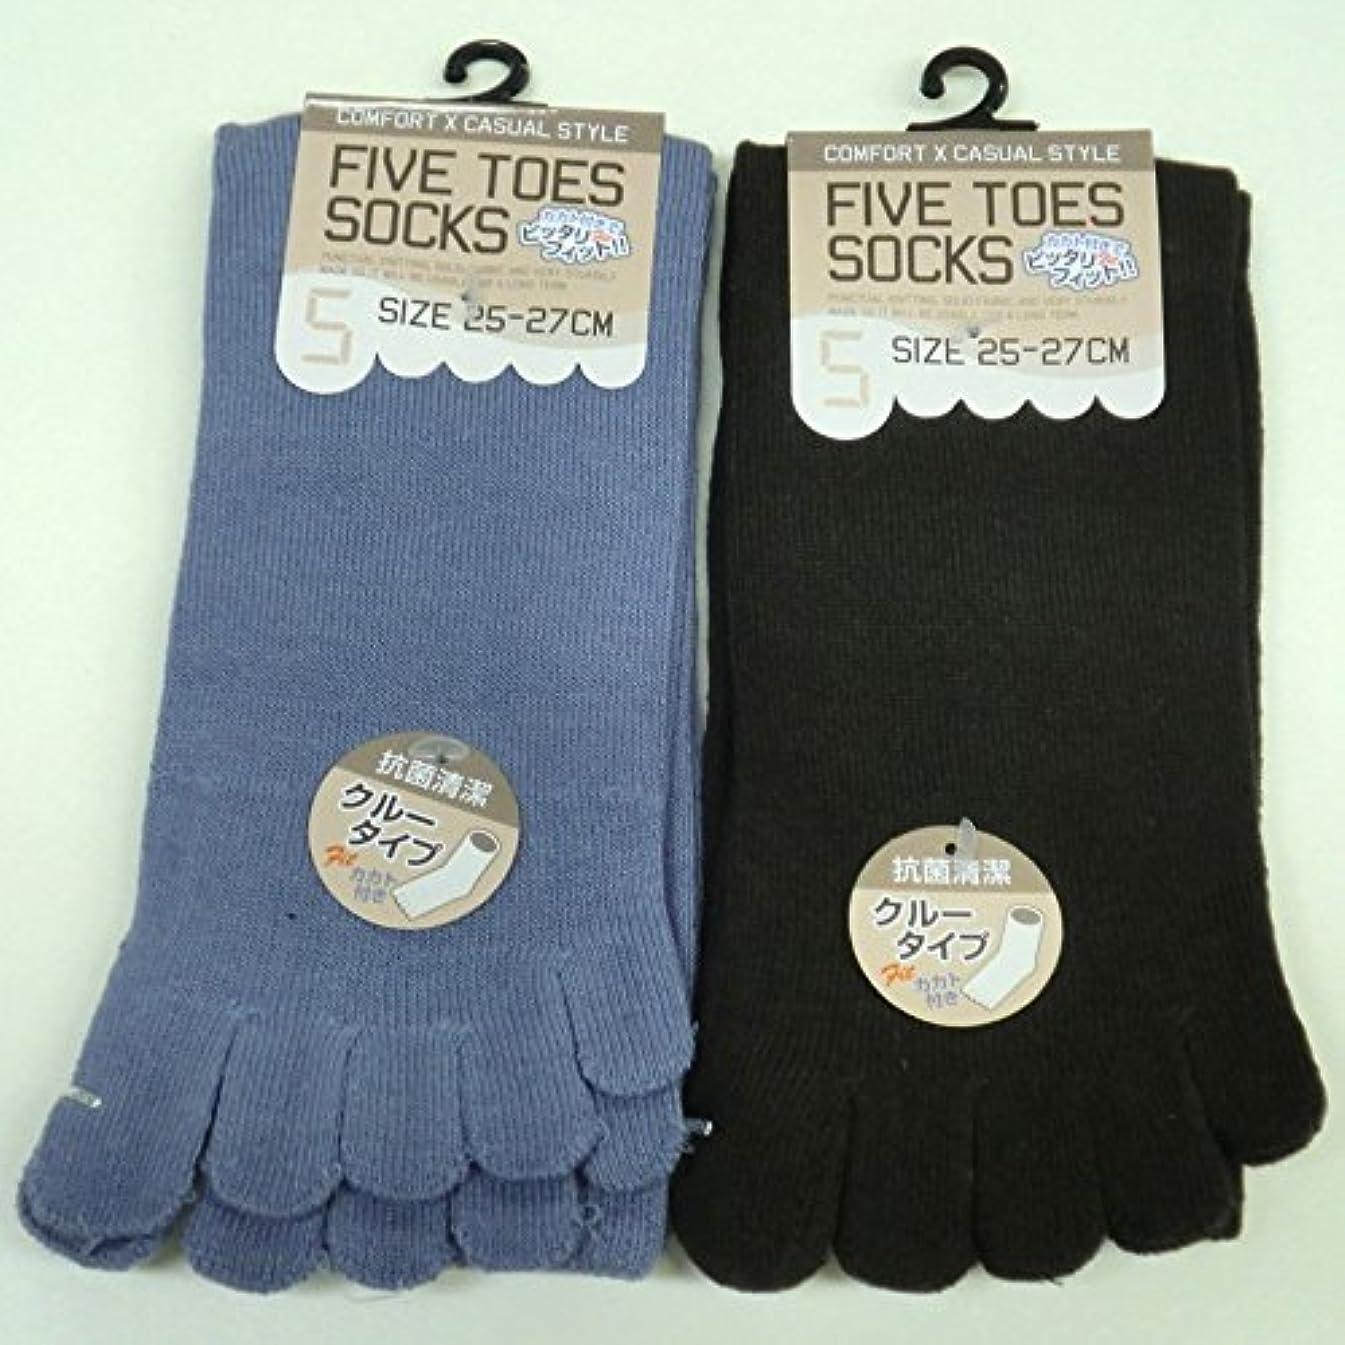 プラカード消防士ブロンズ5本指ソックス メンズ 綿混 蒸れない快適 5本指靴下 かかと付 25-27cm 5足組(色はお任せ)